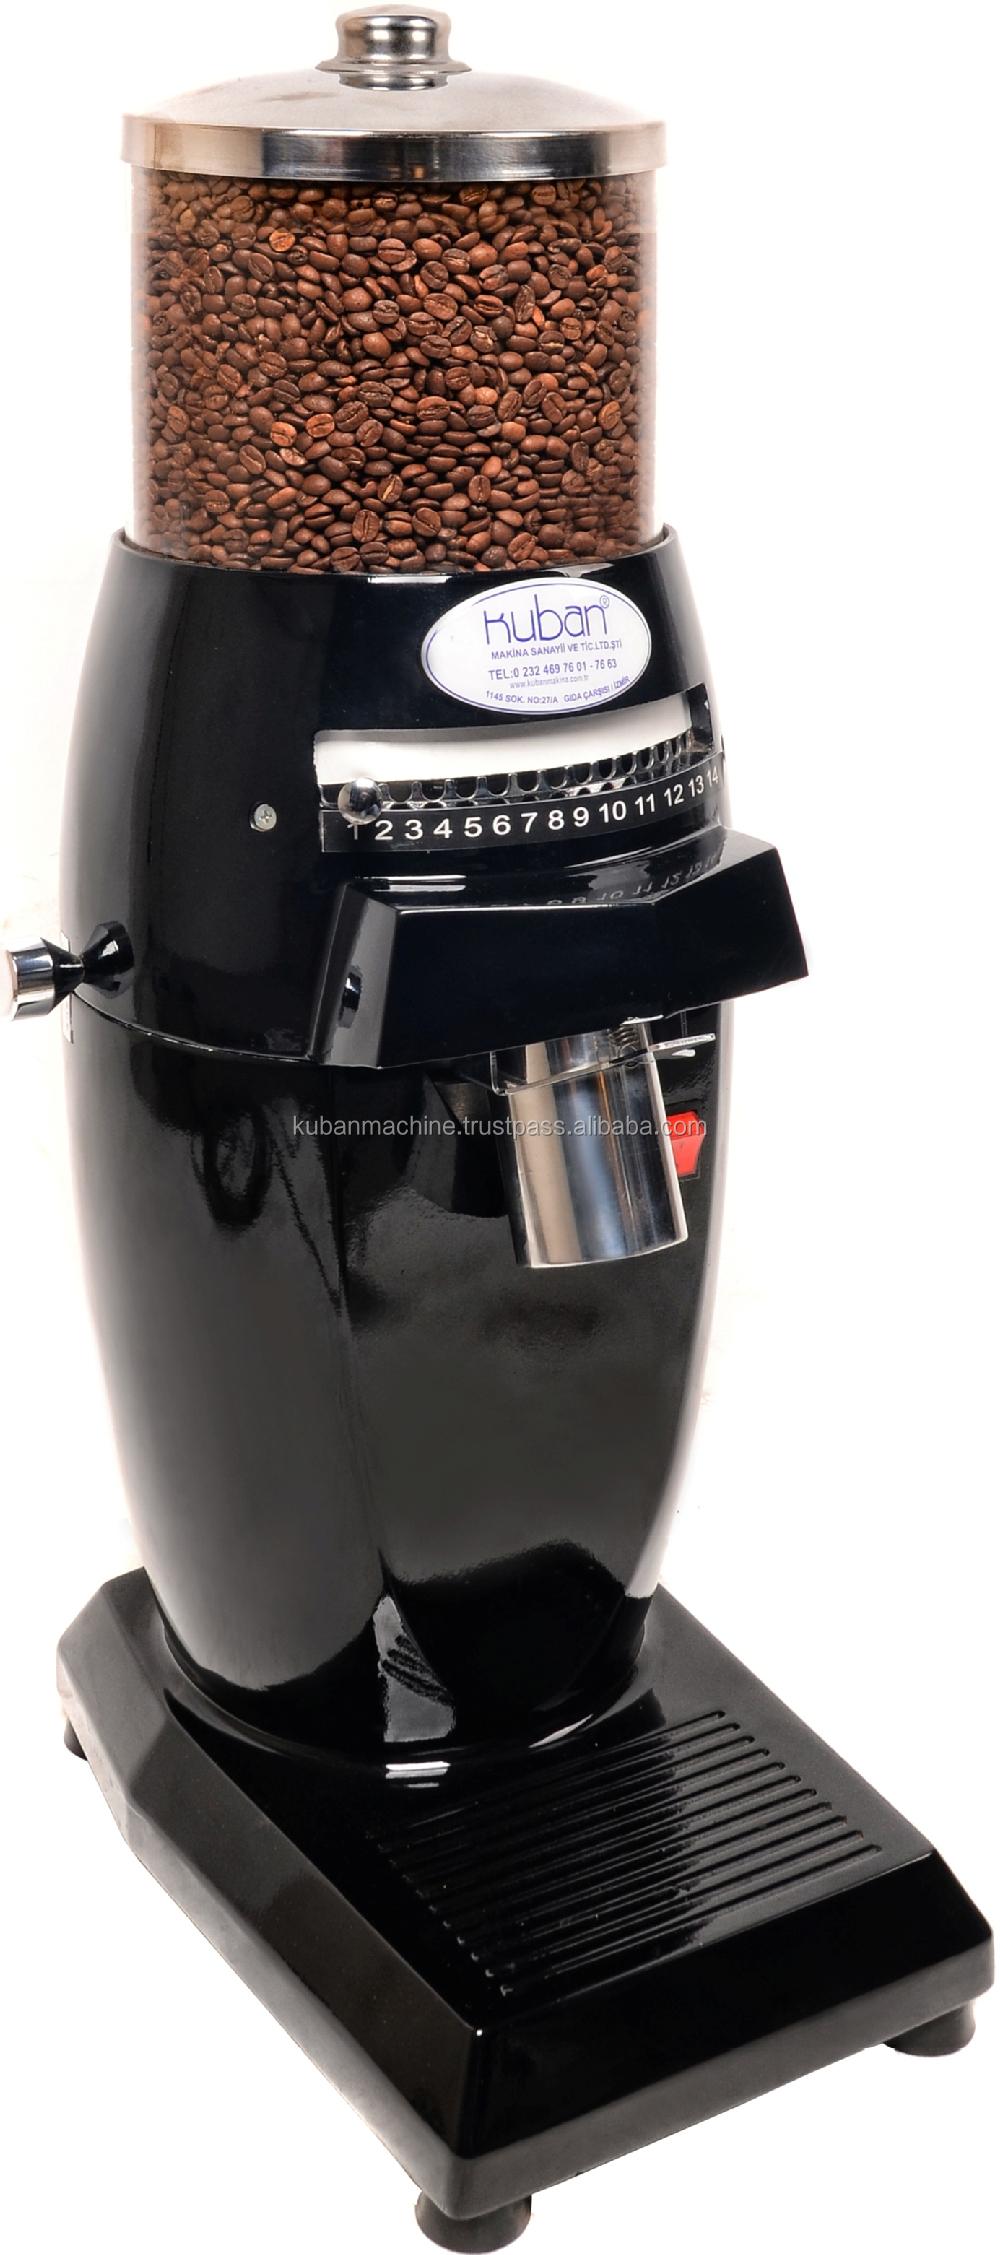 meilleur lectrique professionnel moulin caf grain de. Black Bedroom Furniture Sets. Home Design Ideas